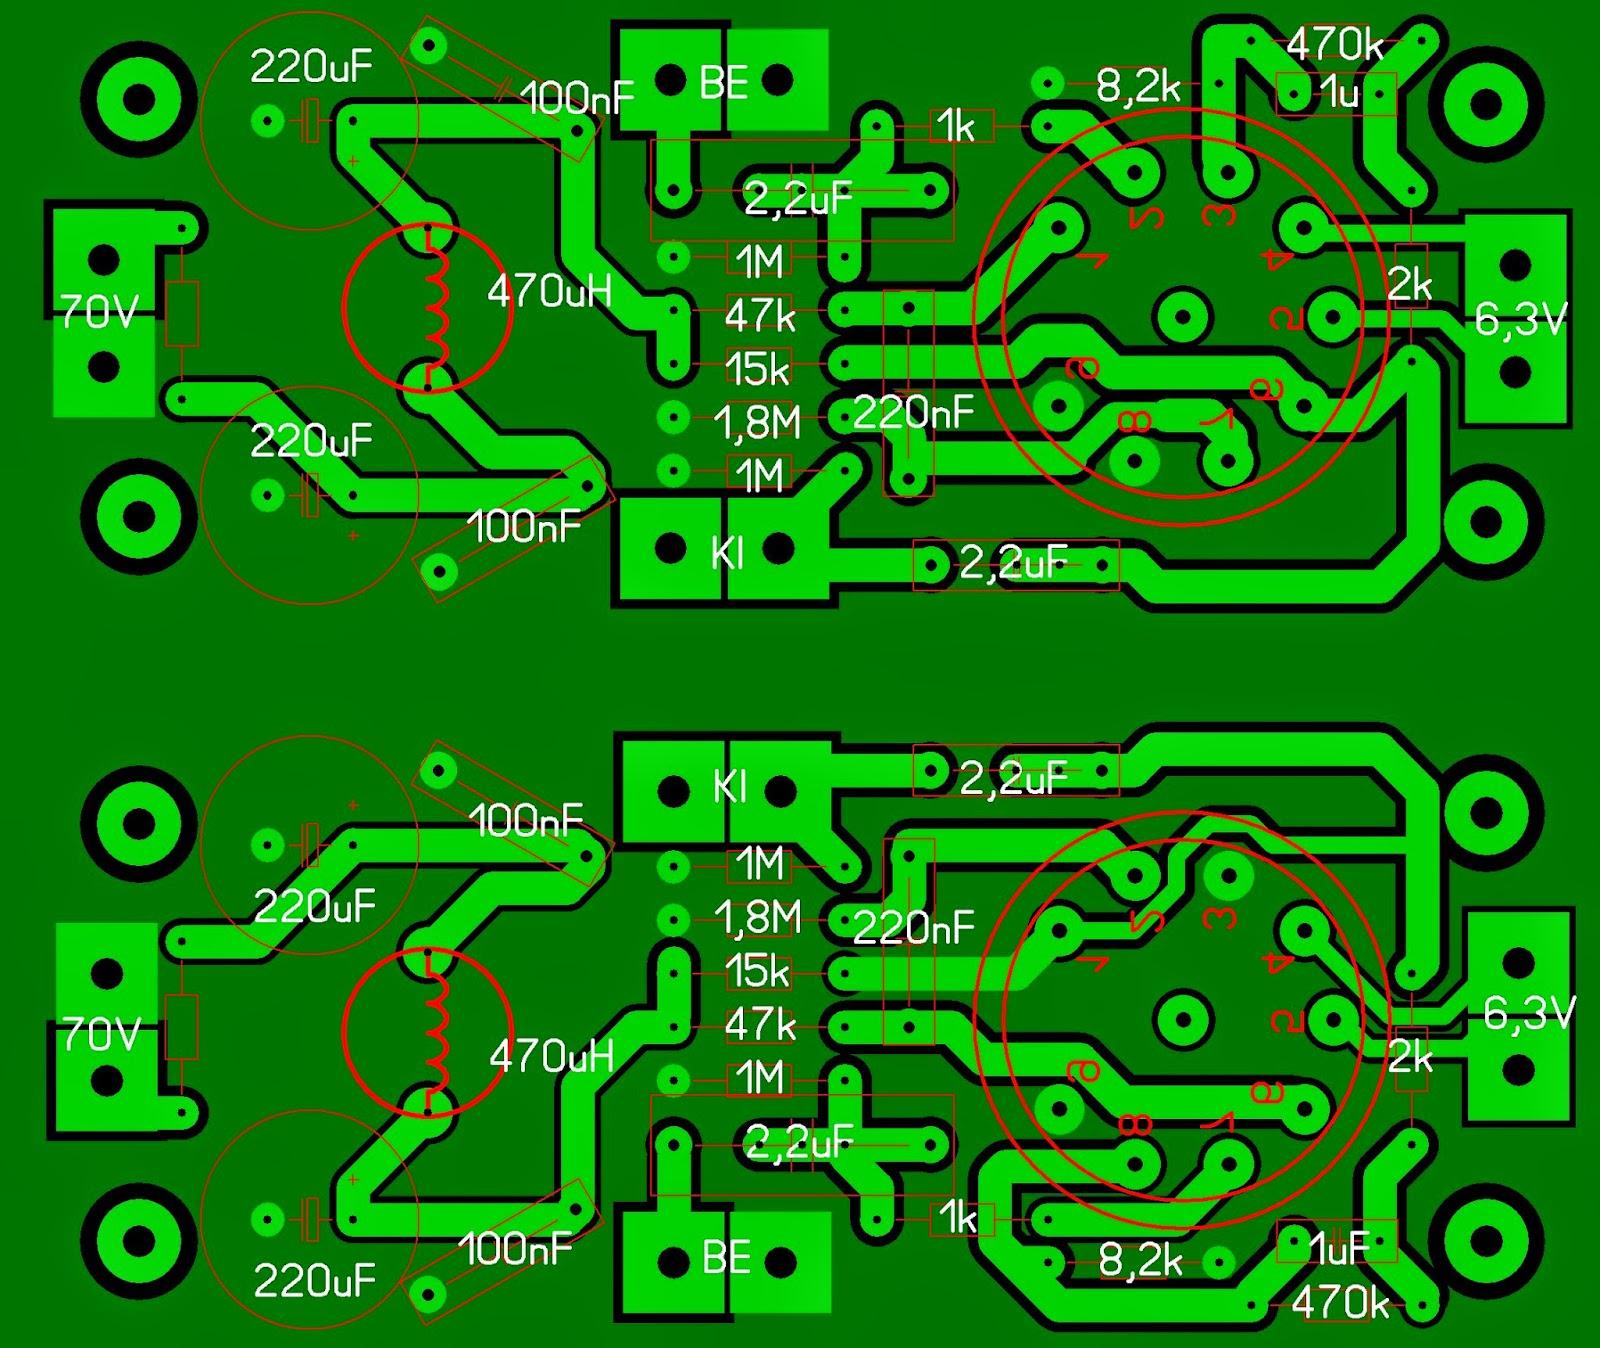 Diy Csves El Fokozat Ecc88 82 Vel Elektrobarlang The Fu29 Pushpull Circuit Amplifiercircuit Diagram A Foglalat Nyk Flia Oldalra Kerl Egy Dolog Hinyzik Rla Mgpedig Az R2 Es Ellenlls Rajzolgats Kzben Elkerlte Figyelmem S Prbazem